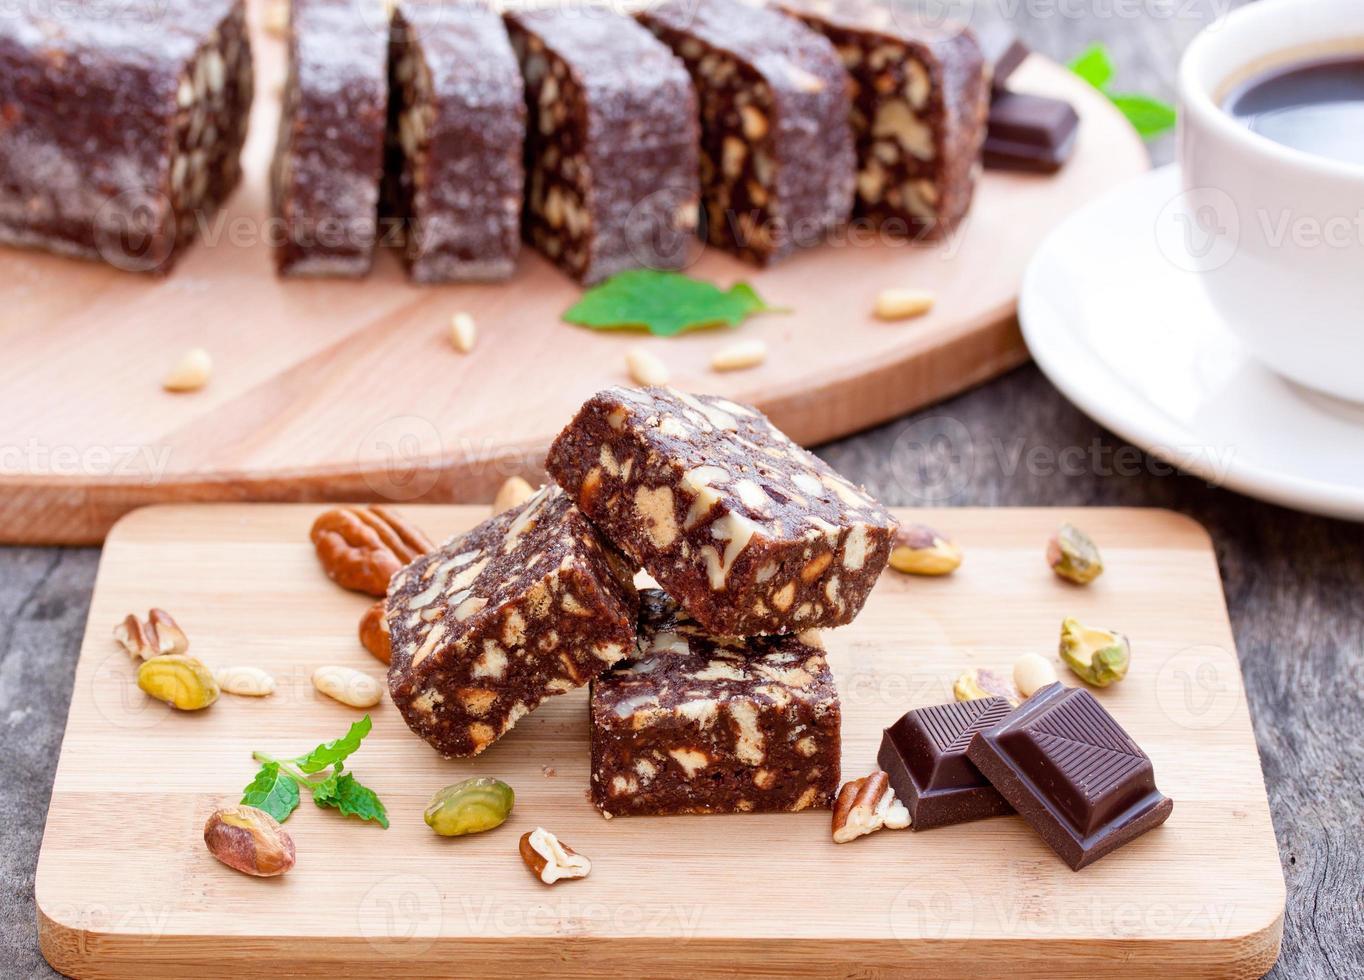 chocolade brownie met noten foto